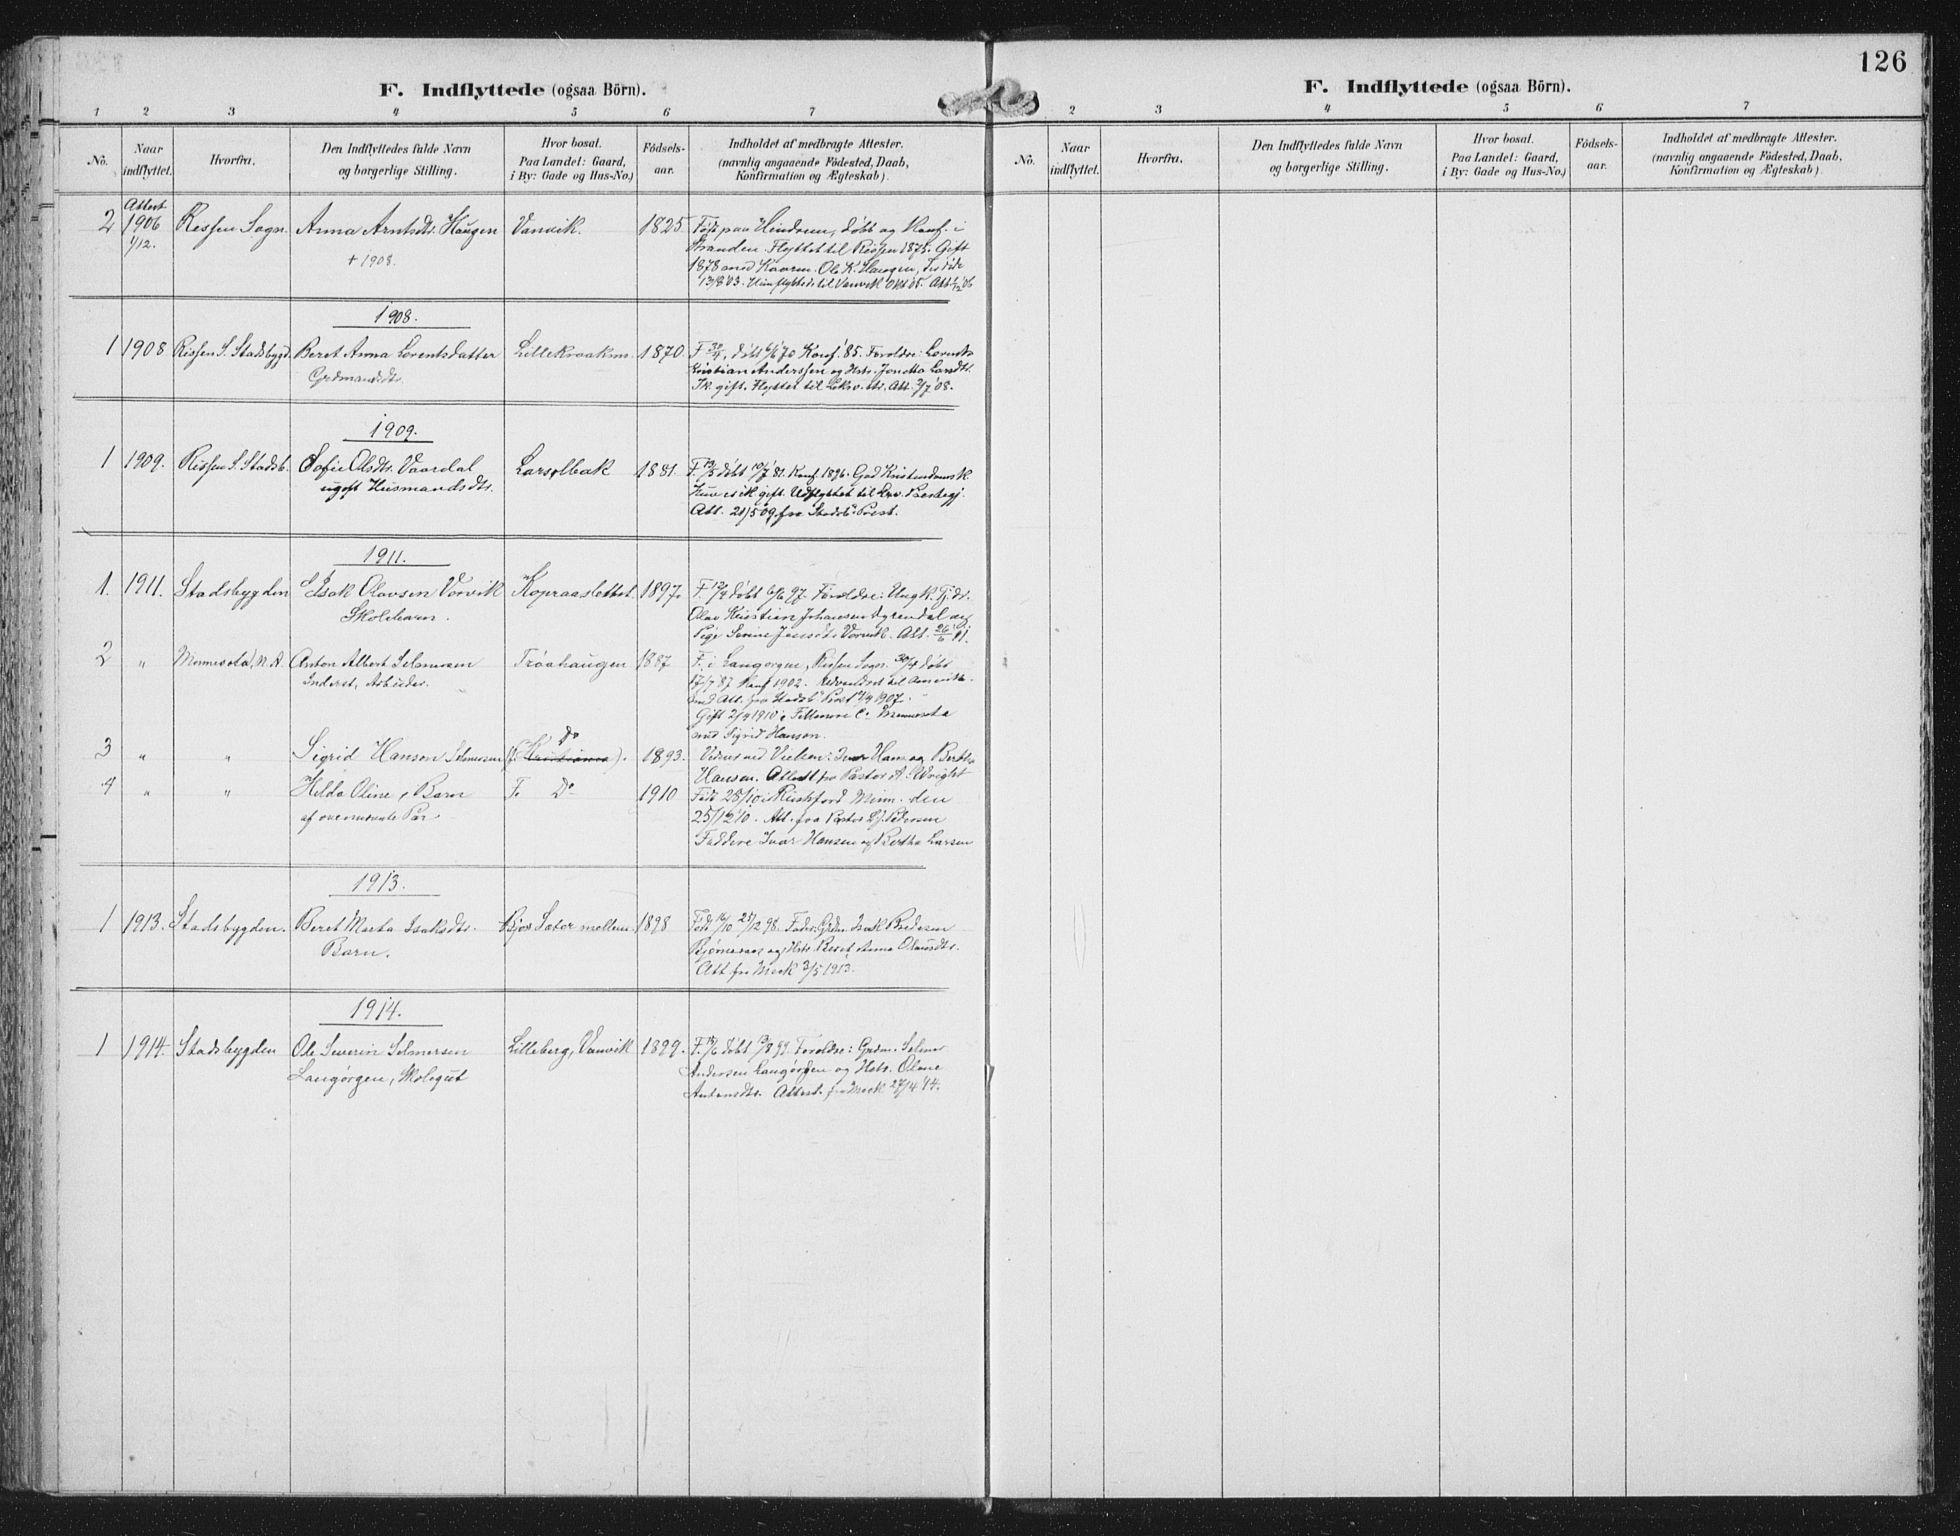 SAT, Ministerialprotokoller, klokkerbøker og fødselsregistre - Nord-Trøndelag, 702/L0024: Ministerialbok nr. 702A02, 1898-1914, s. 126